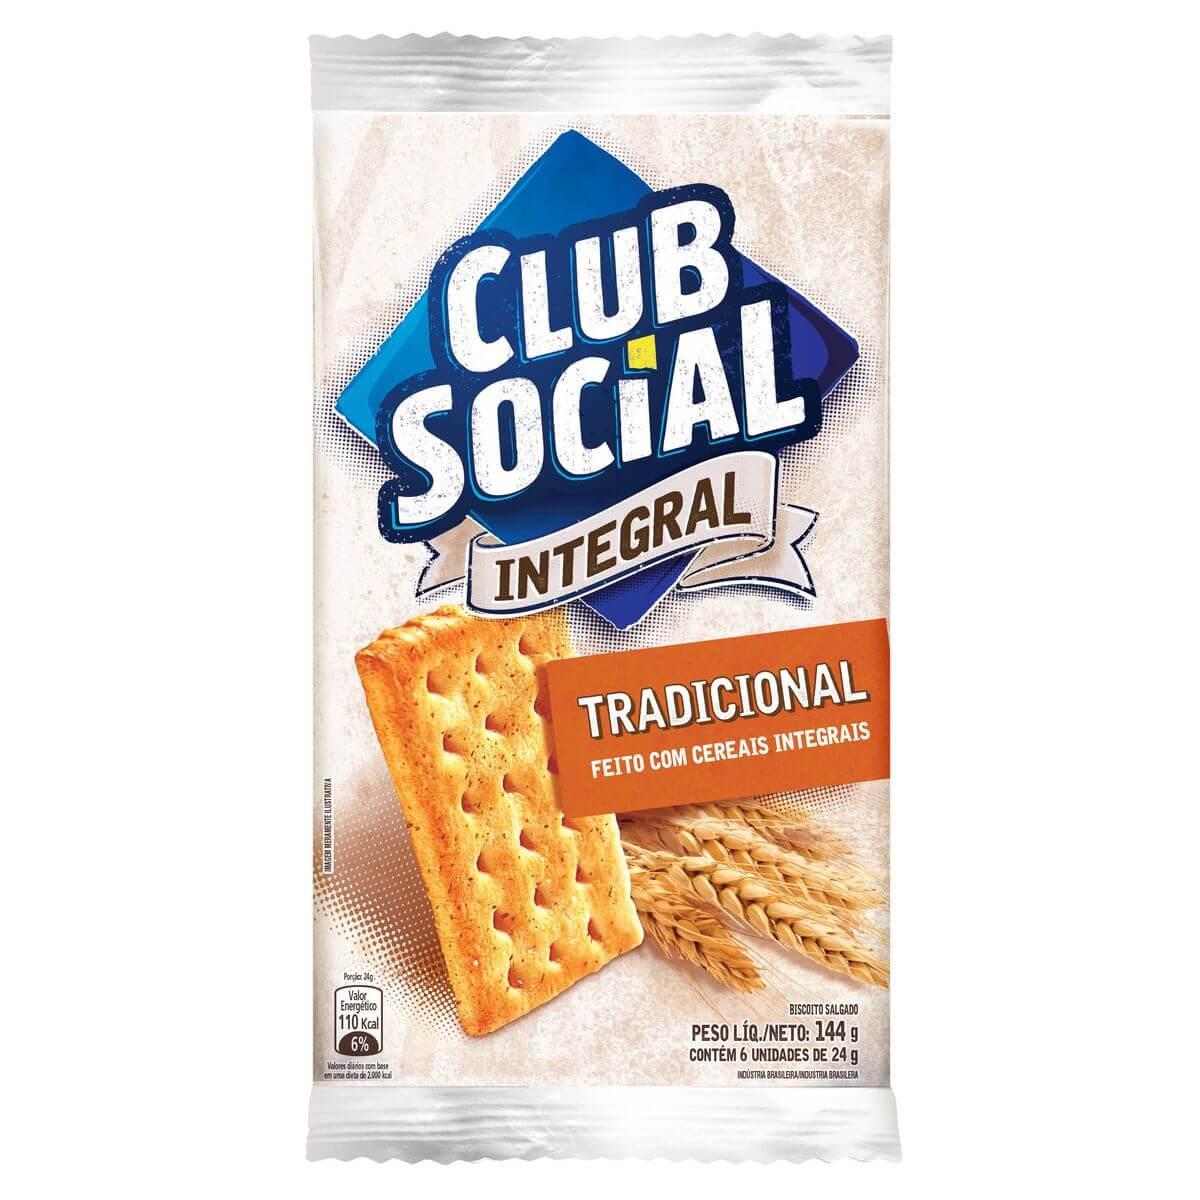 BISCOITO CLUB SOCIAL INTEGRAL TRADICIONAL 144G